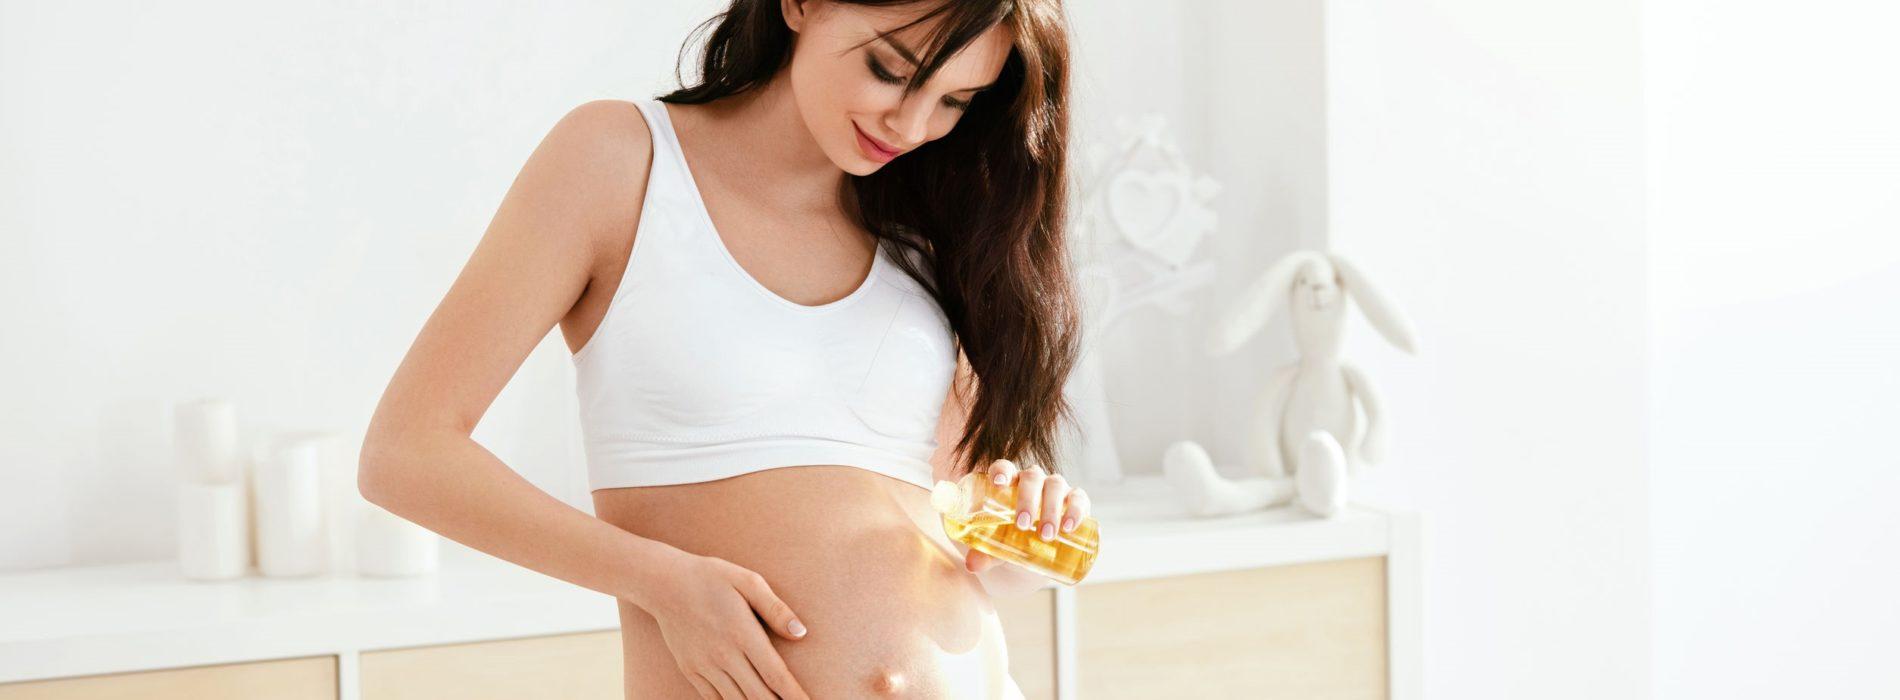 Olej kokosowy w ciąży – pozbądź się rozstępów i cellulitu